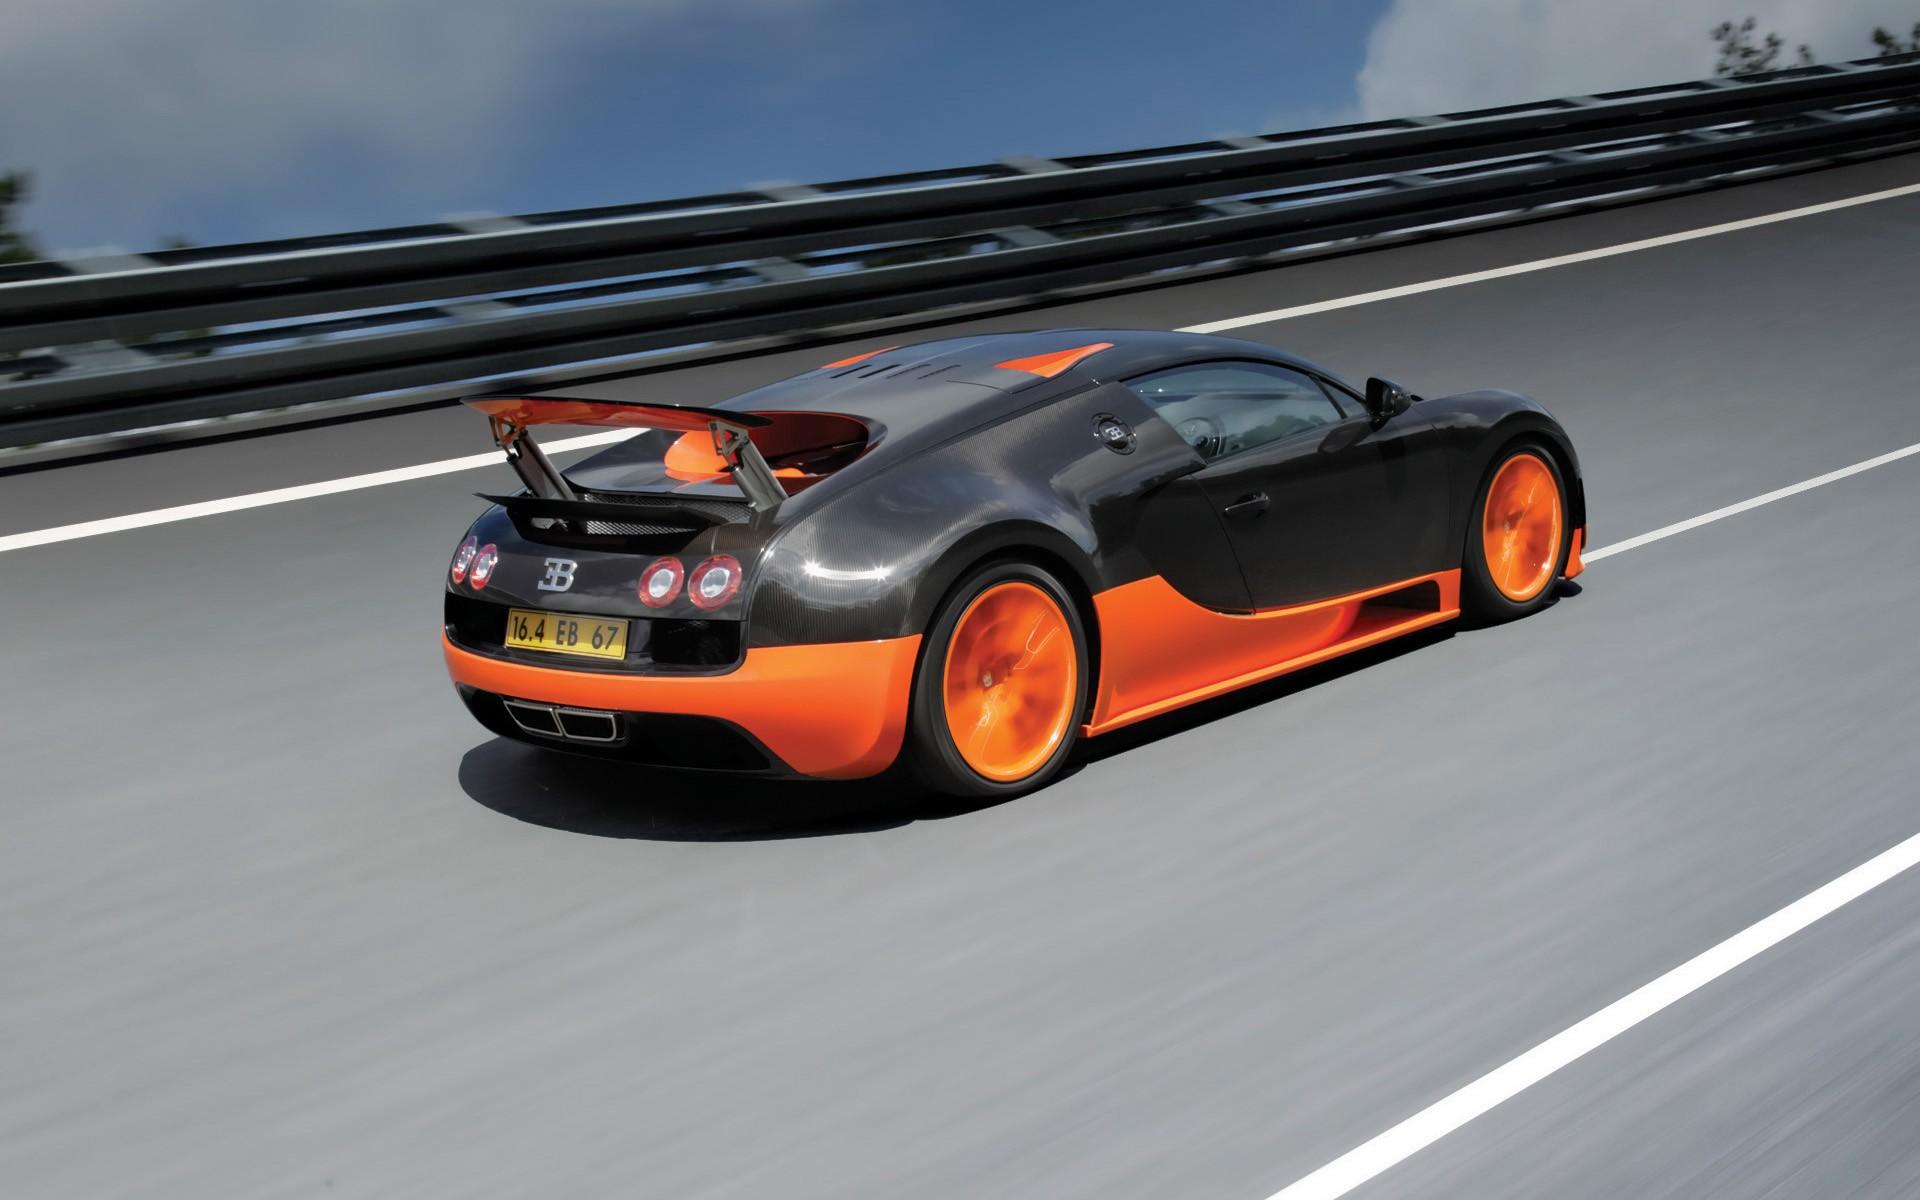 Autos en la pista - 1920x1200